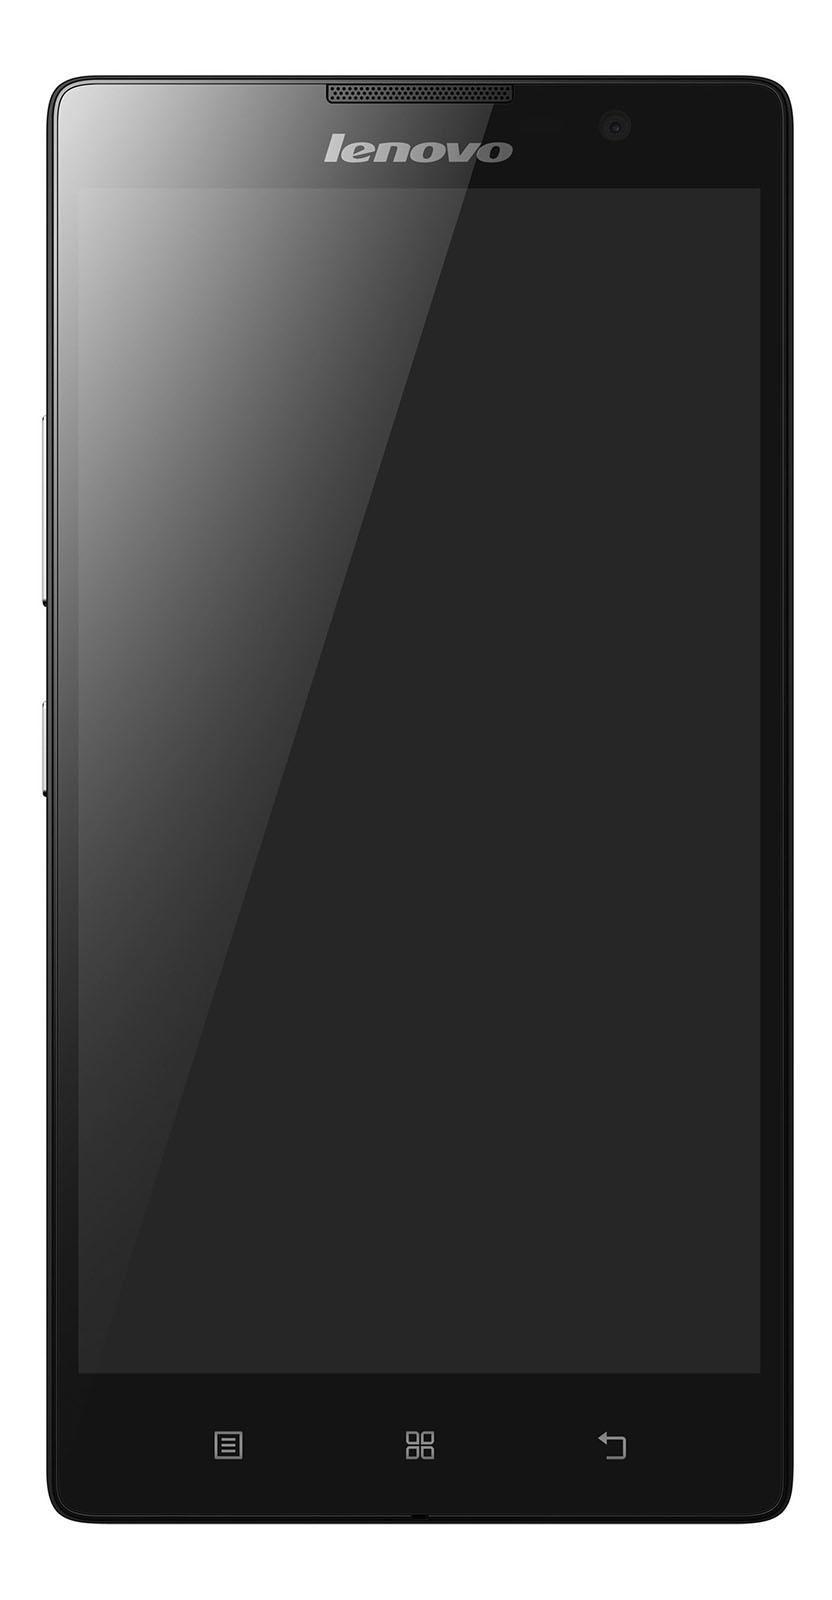 Lenovo P90, BlackP0S5000CRUСмартфон Lenovo P90 оснащен превосходным 5,5-дюймовым дисплеем стандарта Full HD, обеспечивающим прекрасное качество изображения для просмотра фотографий и видео, а также для игр и онлайн-чатов. Дисплей отличается высочайшей плотностью пикселей - 440 пикселей на дюйм. Делиться впечатлениями с друзьями теперь станет еще приятнее! Четырехъядерный процессор P90 - это идеальная комбинация высочайшей производительности и энергоэффективности. Вы сможете наслаждаться потоковым видео и играми, запускать несколько приложений одновременно и путешествовать по Сети с впечатляющей скоростью. Феноменально длительное время работы в режиме разговора Lenovo P90 работает действительно долго. Это полнофункциональный смартфон, не требующий постоянной подзарядки - аккумулятор емкостью 4000 мА•ч обеспечивает до 45 часов работы в режиме разговора и до 27,5 часов работы в режиме активного ожидания. Вы сможете без проблем запечатлеть все волнующие моменты жизни в любое время...